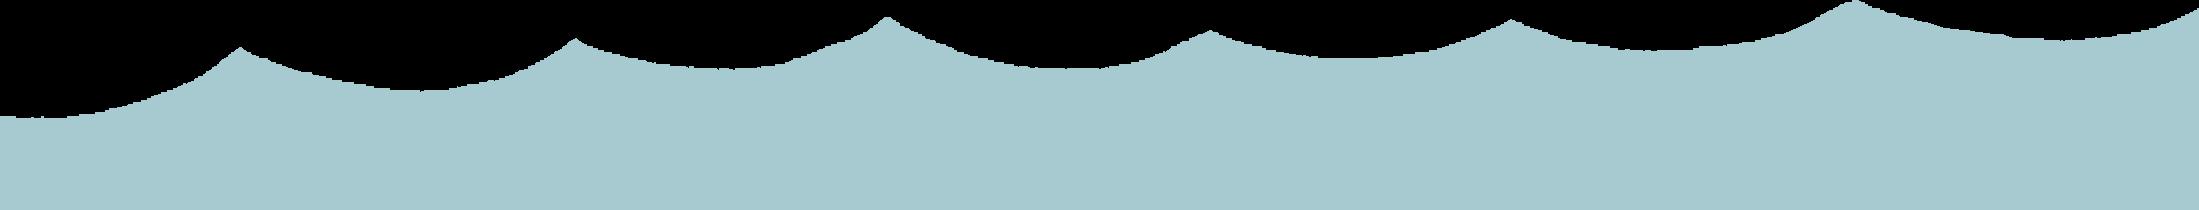 小貝川の波